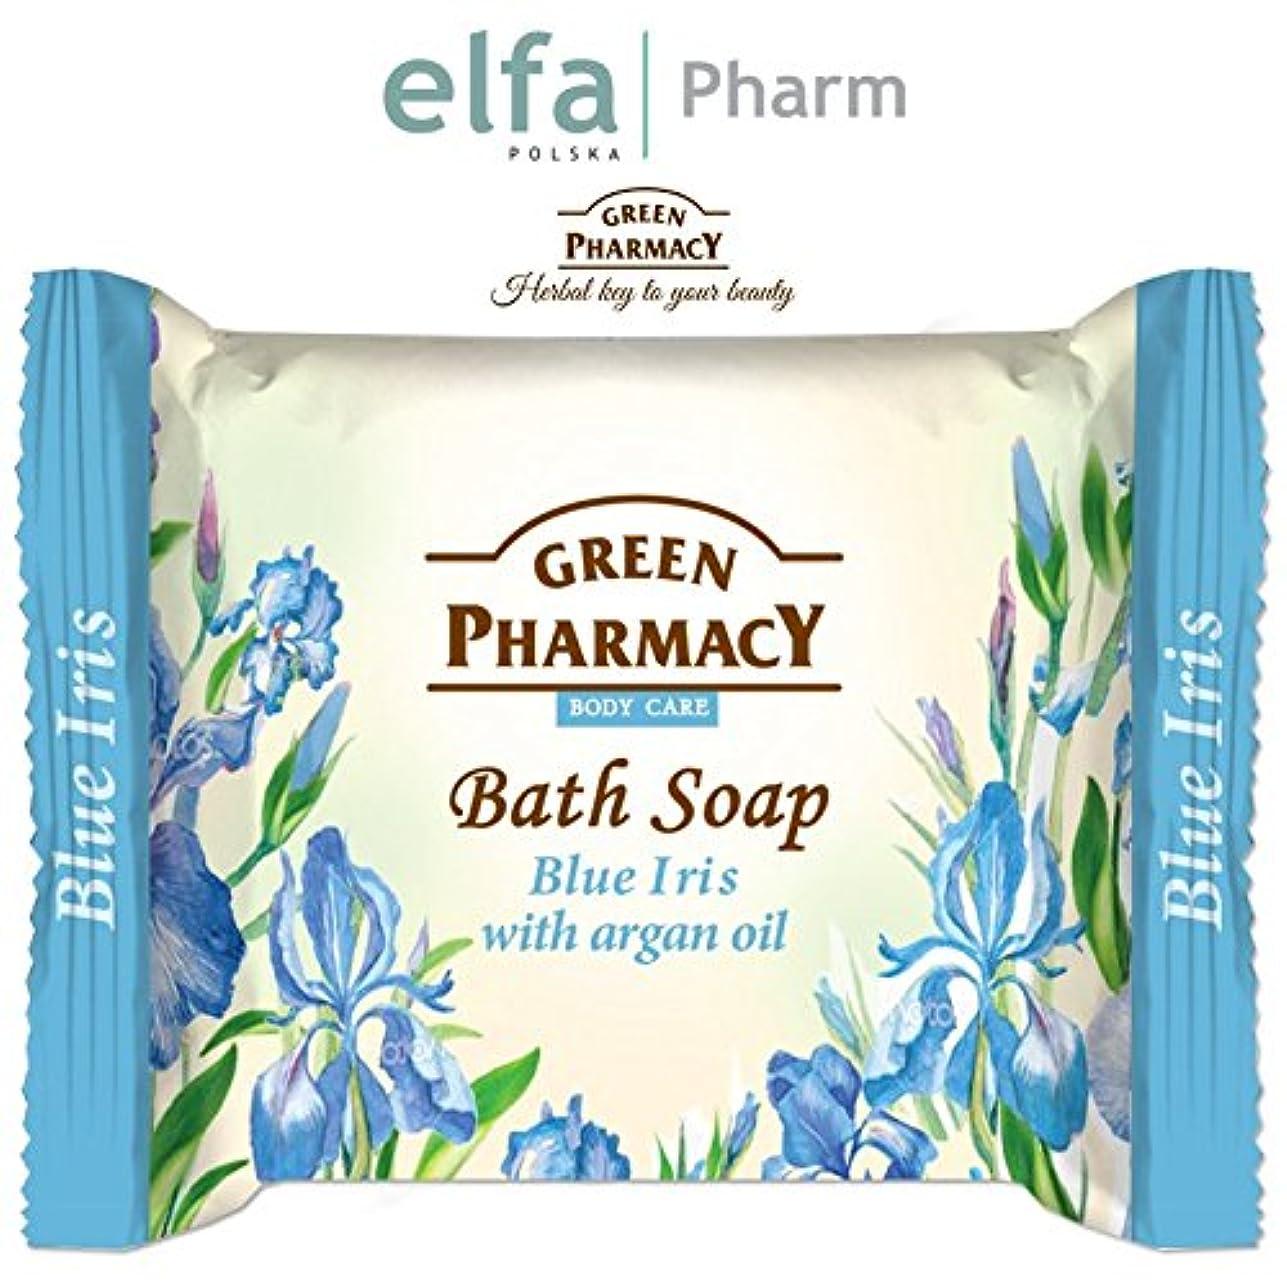 医薬品悪意のある真似る石鹸 固形 安心?安全 古代からのハーブの知識を生かして作られた固形せっけん ポーランドのグリーンファーマシー elfa Pharm Green Pharmacy Bath Soap Blue Iris with Argan...